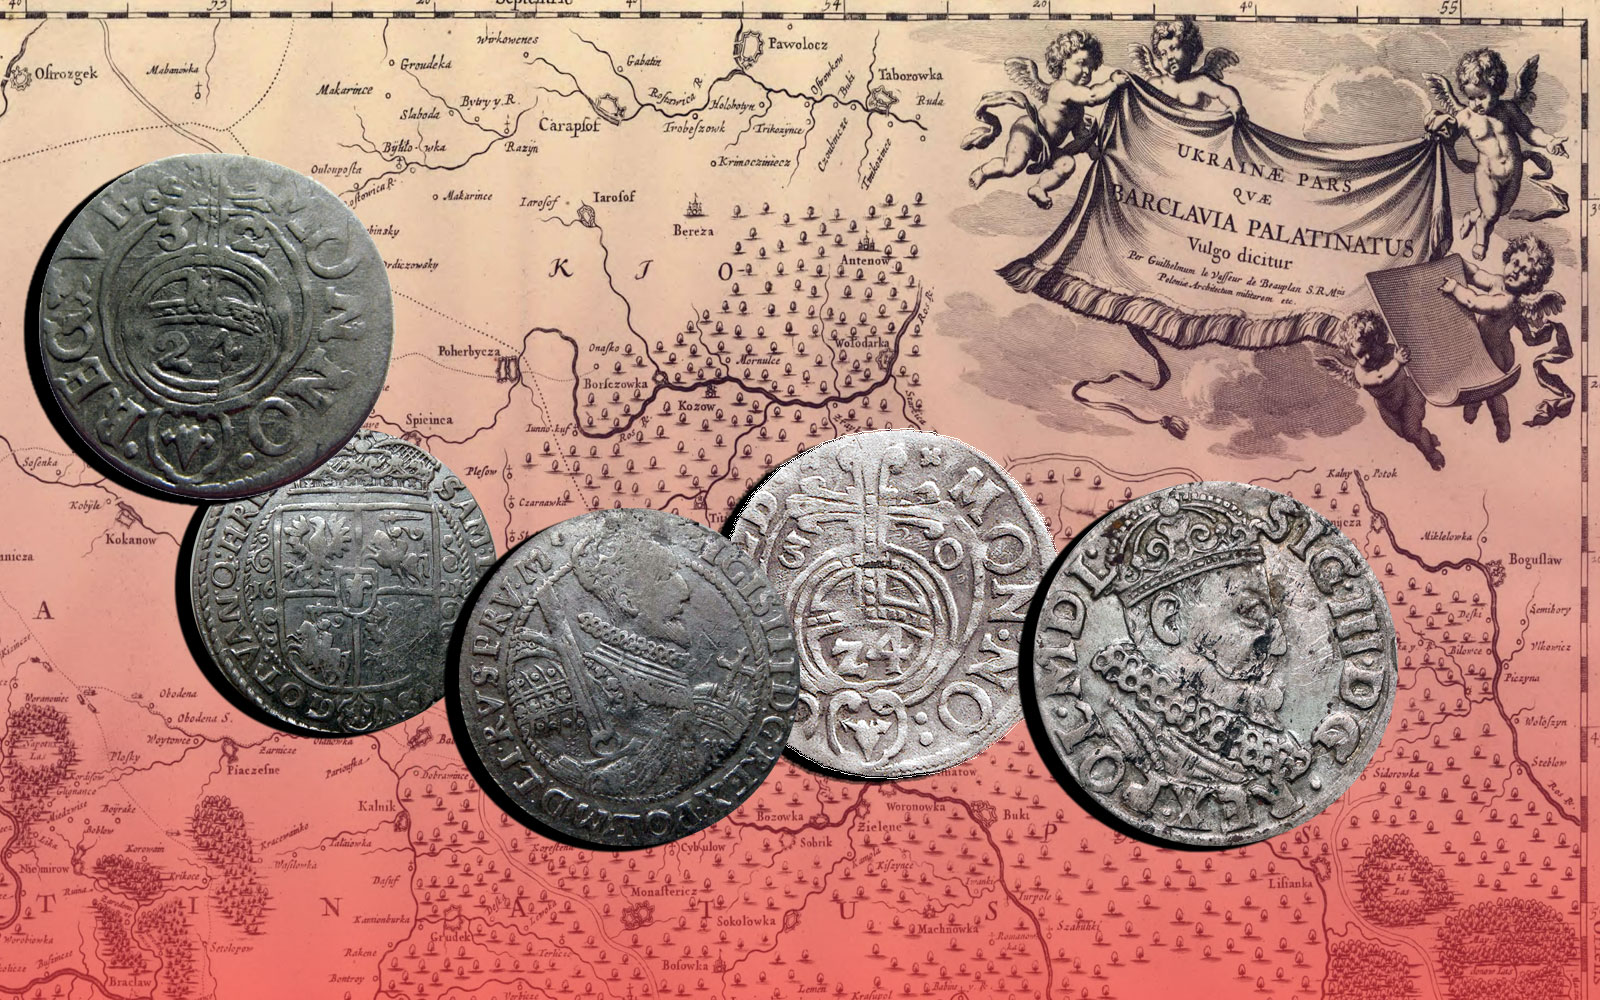 Монетний скарб Гопчиці: що знайшли в селі у 1991 році?